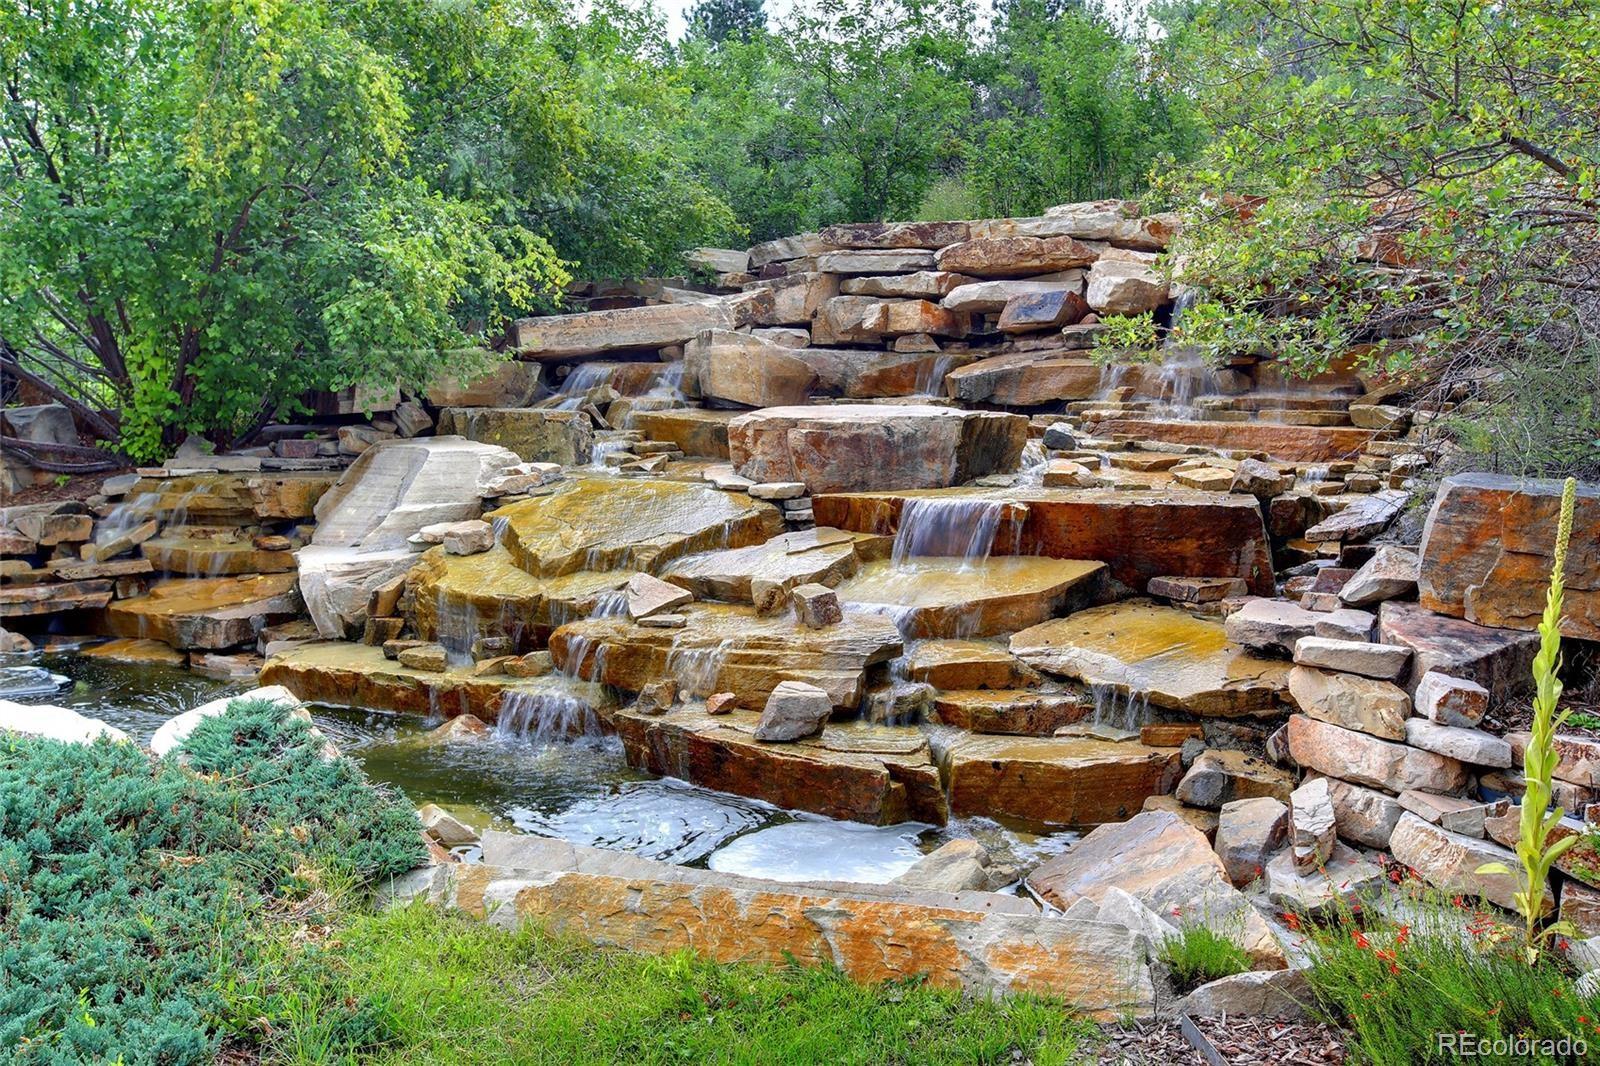 MLS# 3450406 - 11 - 6713 Handies Peak Court, Castle Rock, CO 80108